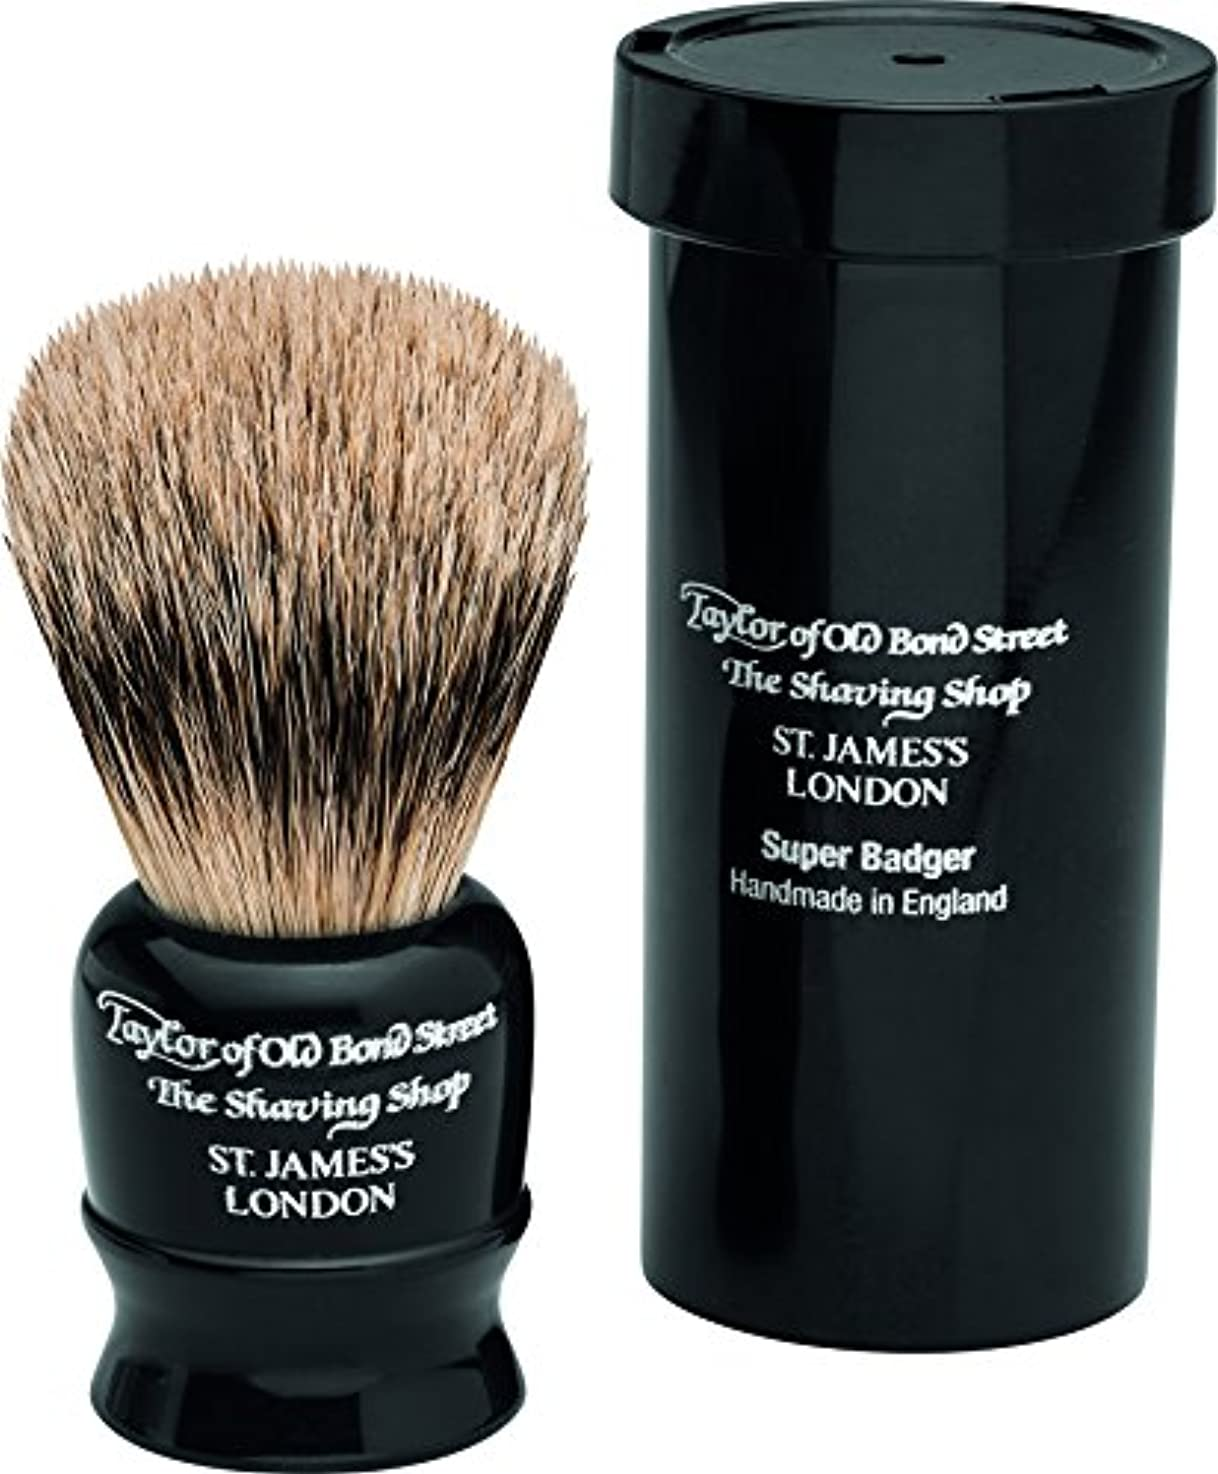 番目本部乱雑なTravel Super Badger Shaving Brush, 8,25 cm, black - Taylor of old Bond Street